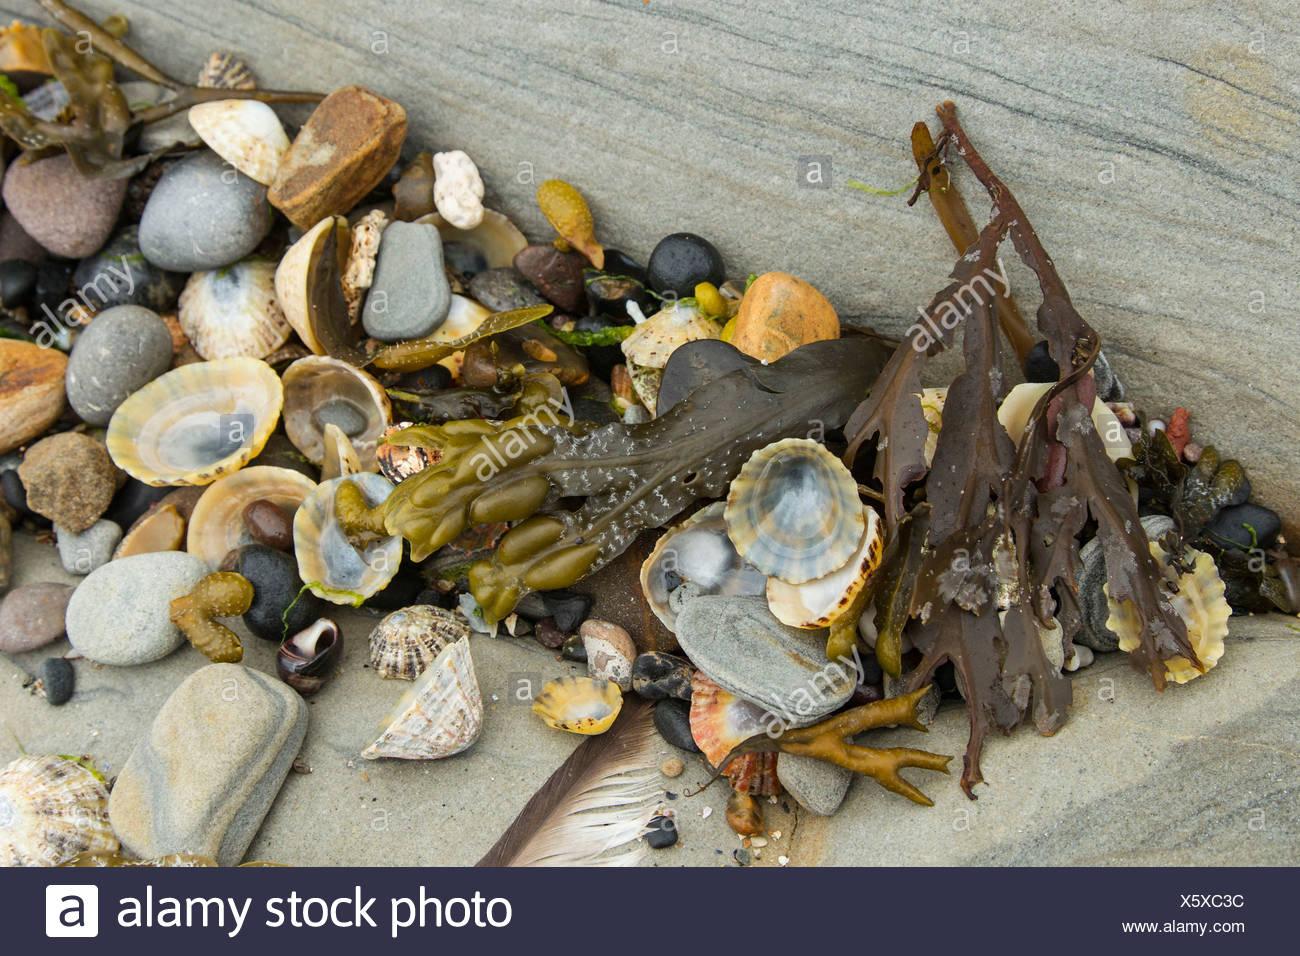 Flotsam and jetsam at the beach of Seahouses, Northumberland, England, United Kingdom, Europe - Stock Image